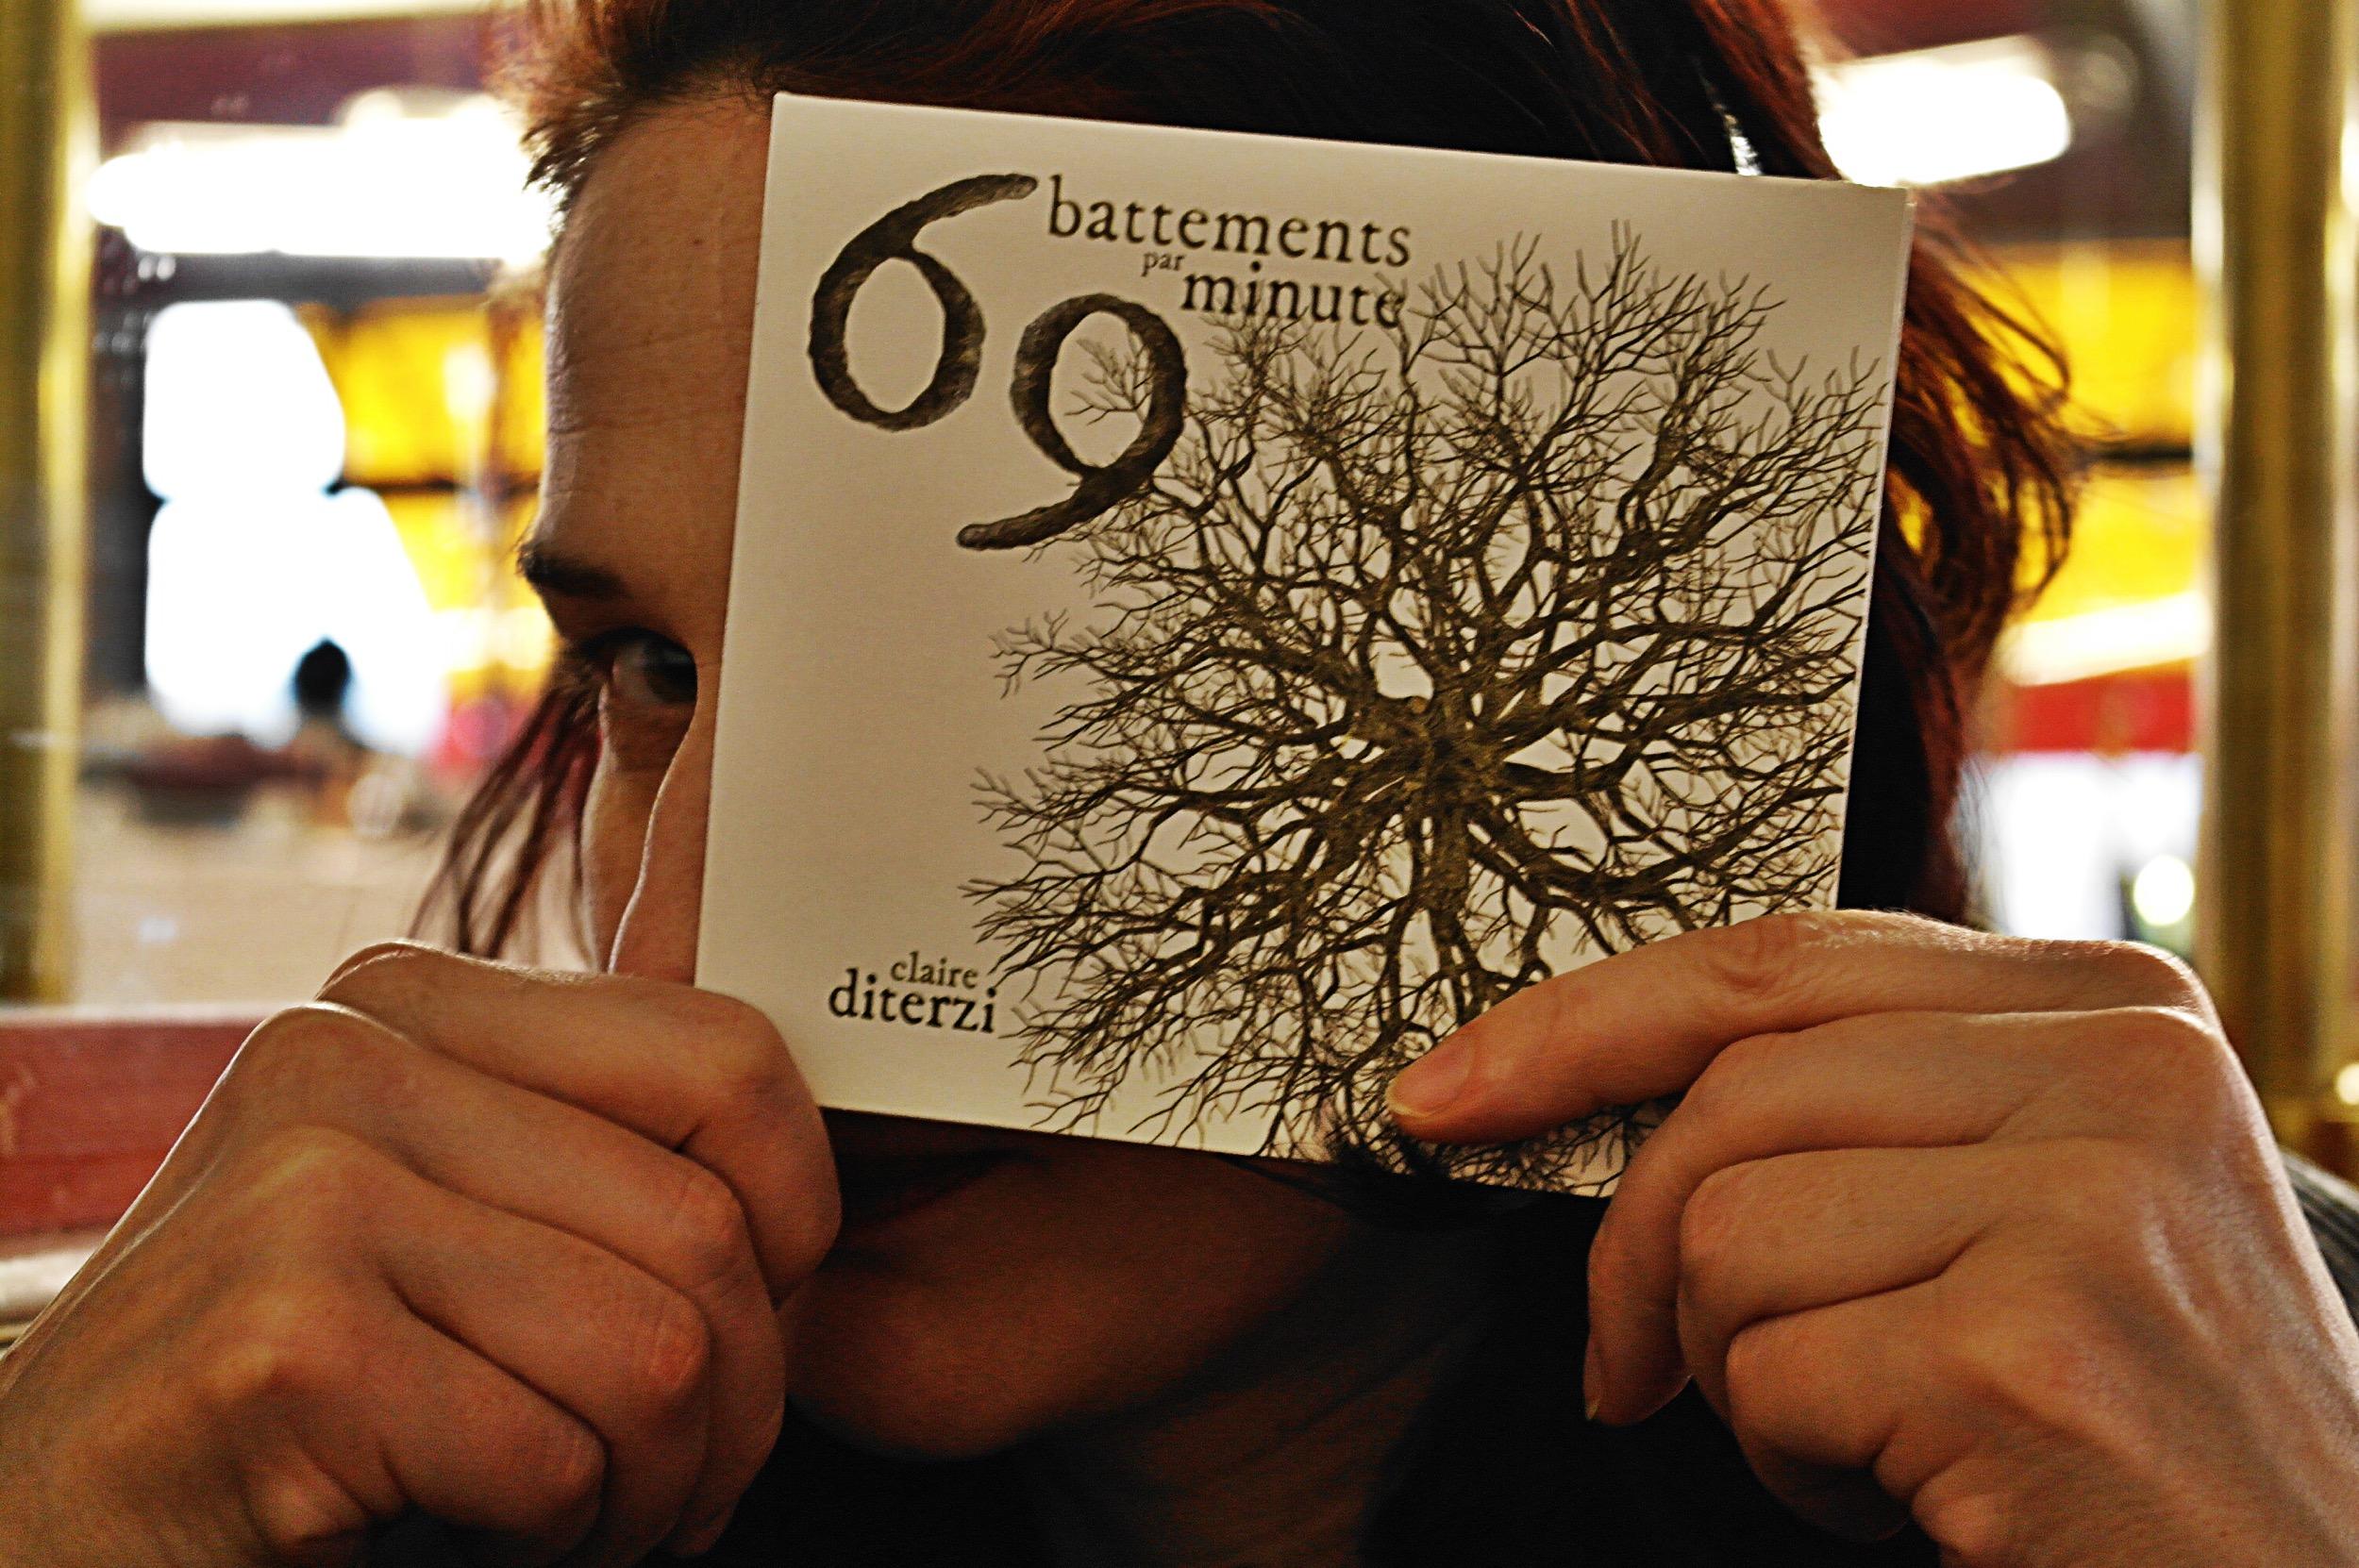 La chanteuse Claire Diterzi présente son nouvel album 69 battements par minute musique concert photo by Joel Clergiot united states of paris blog